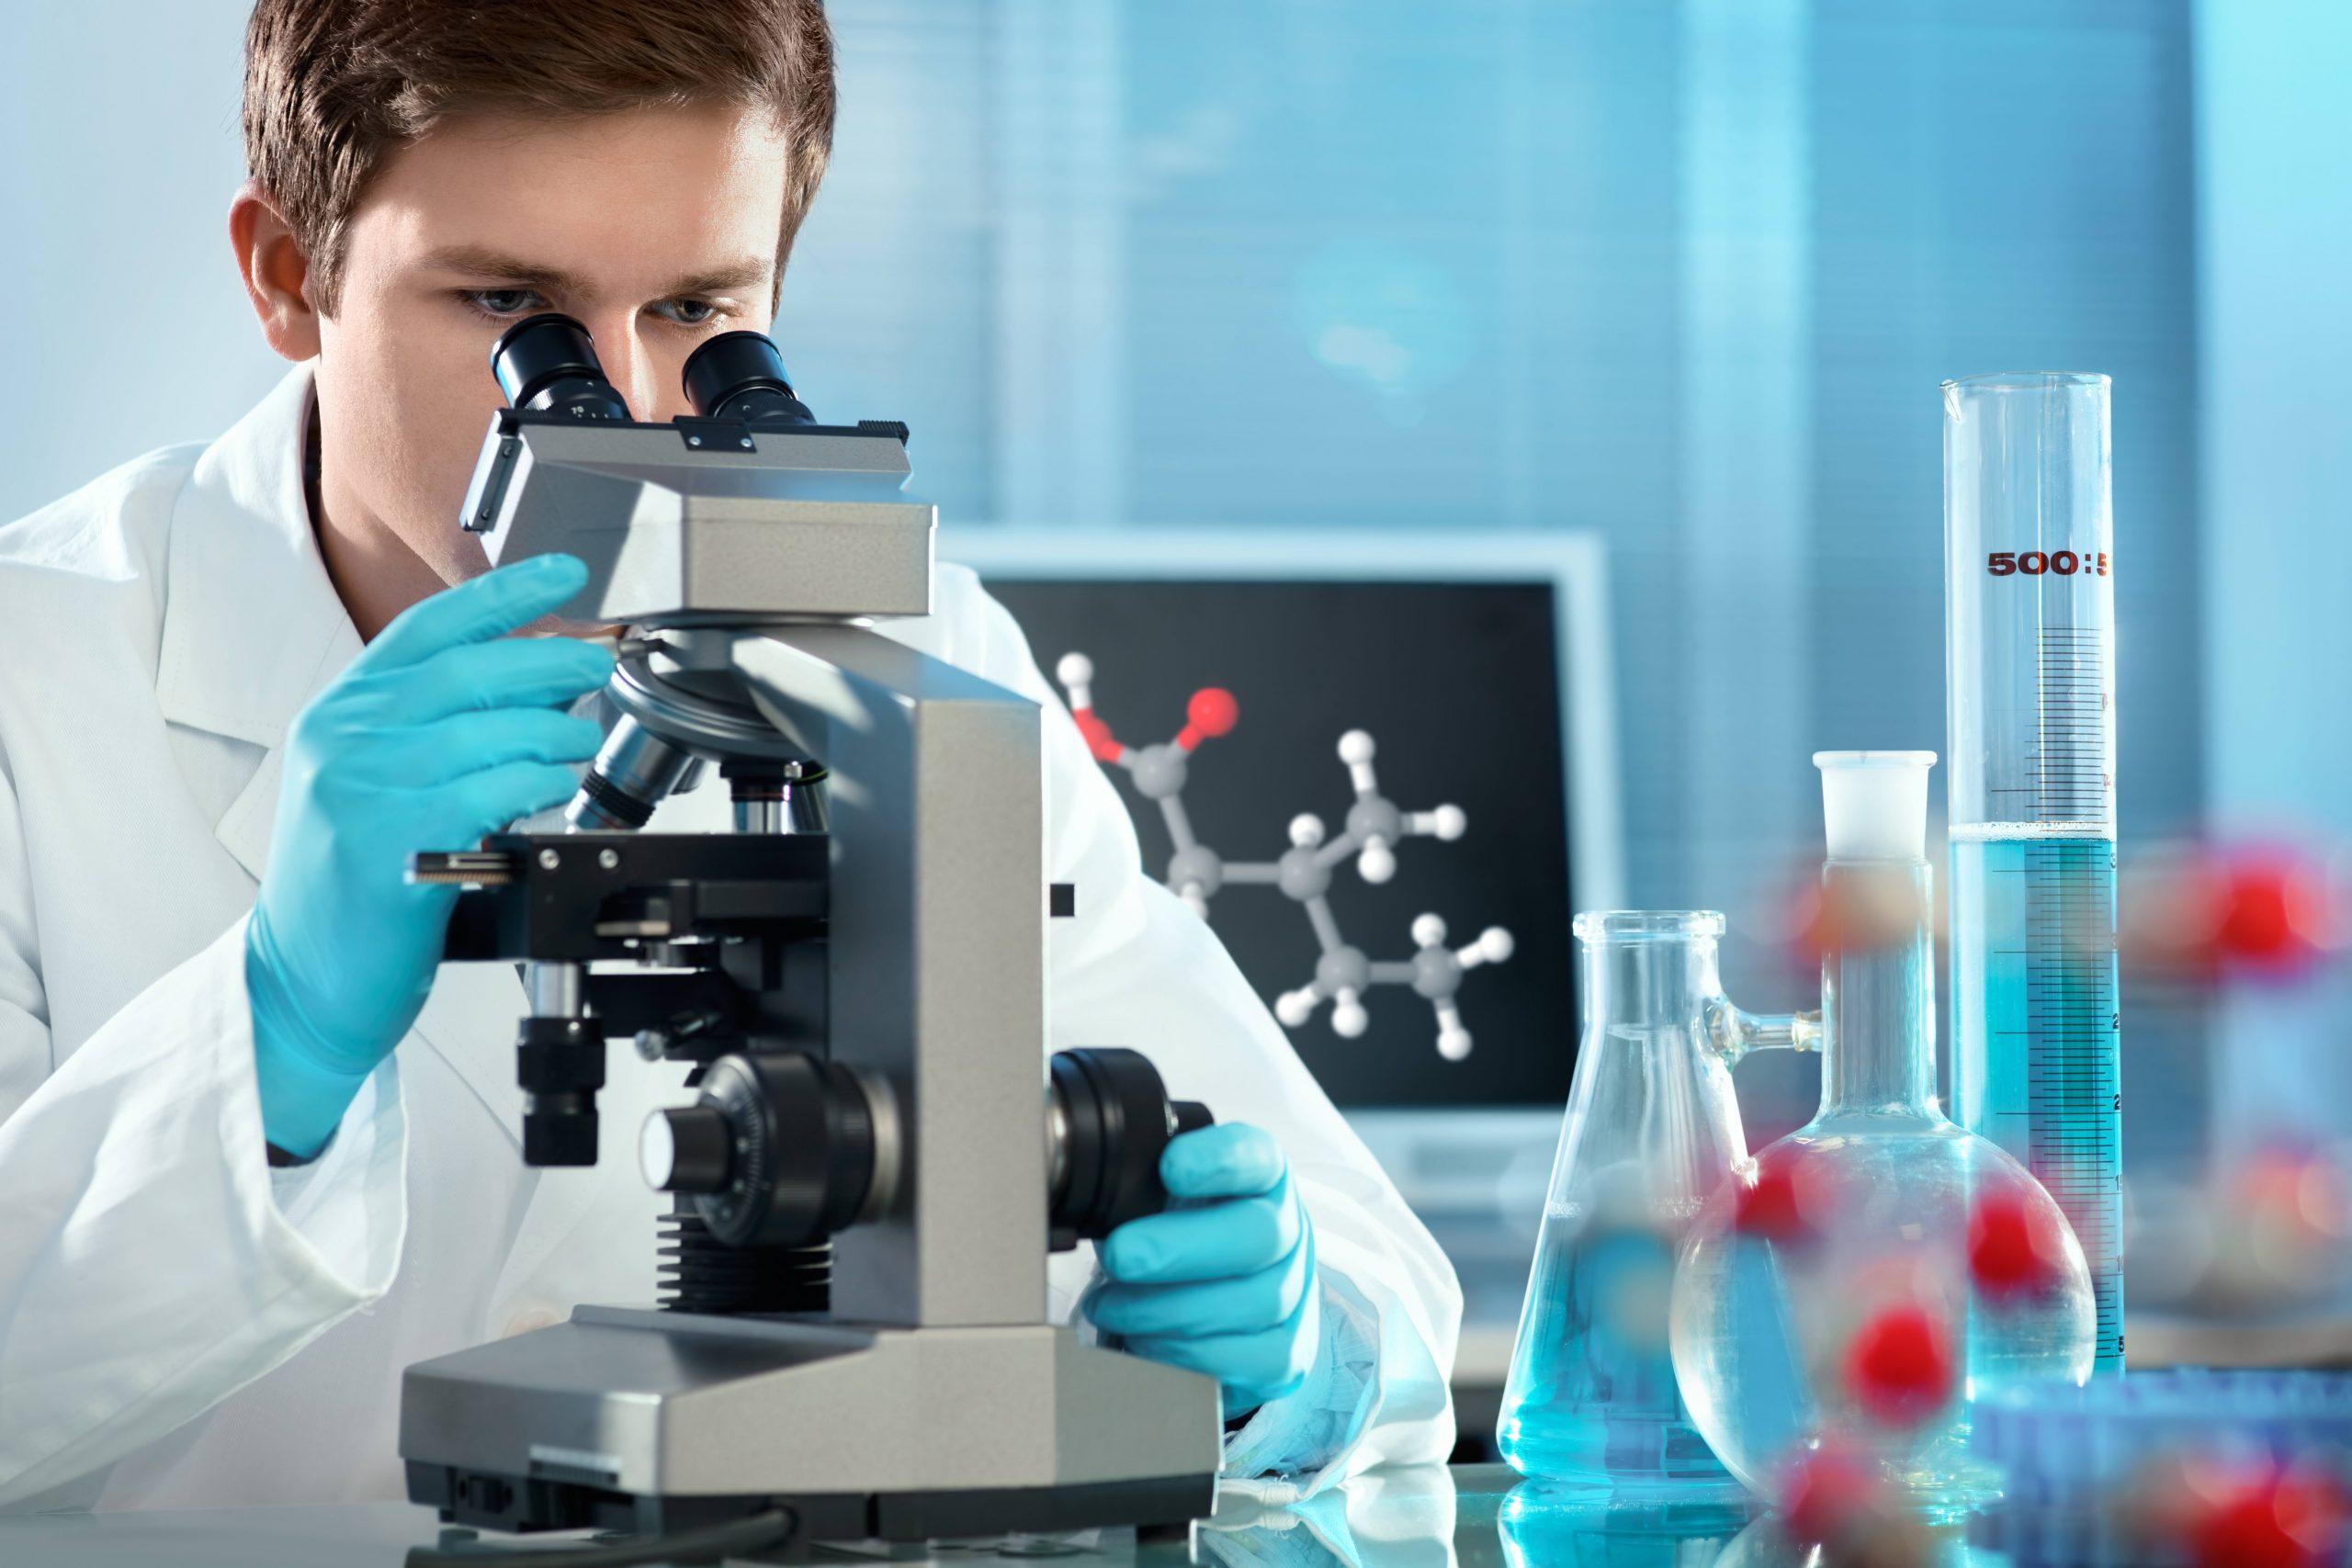 Ученые назвали причину, по которой умирают большинство пациентов с тяжелой формой COVID-19